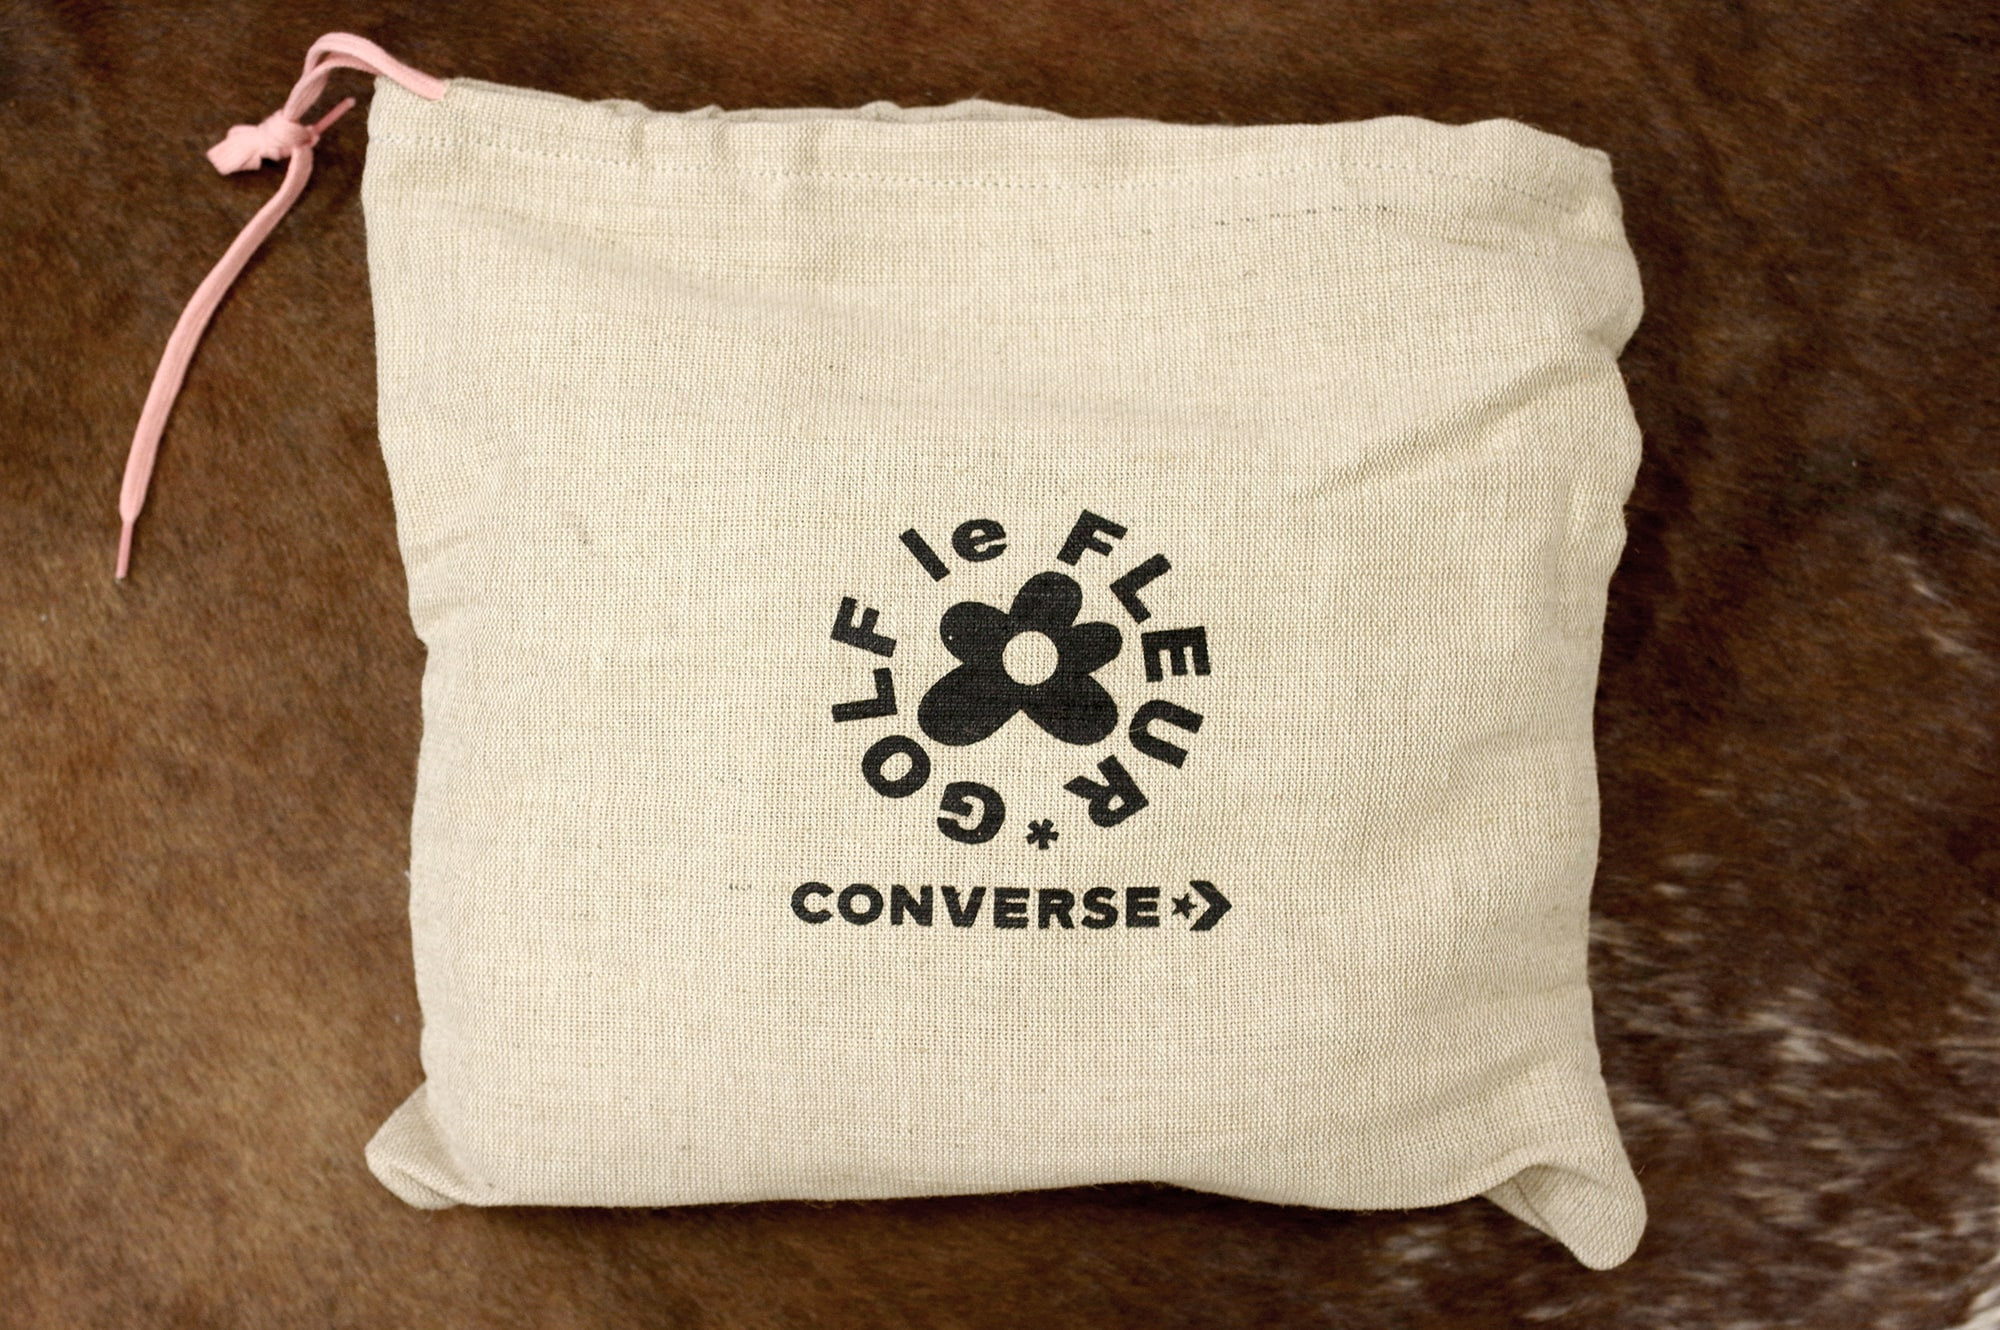 Converse x Golf le Fleur One star one star